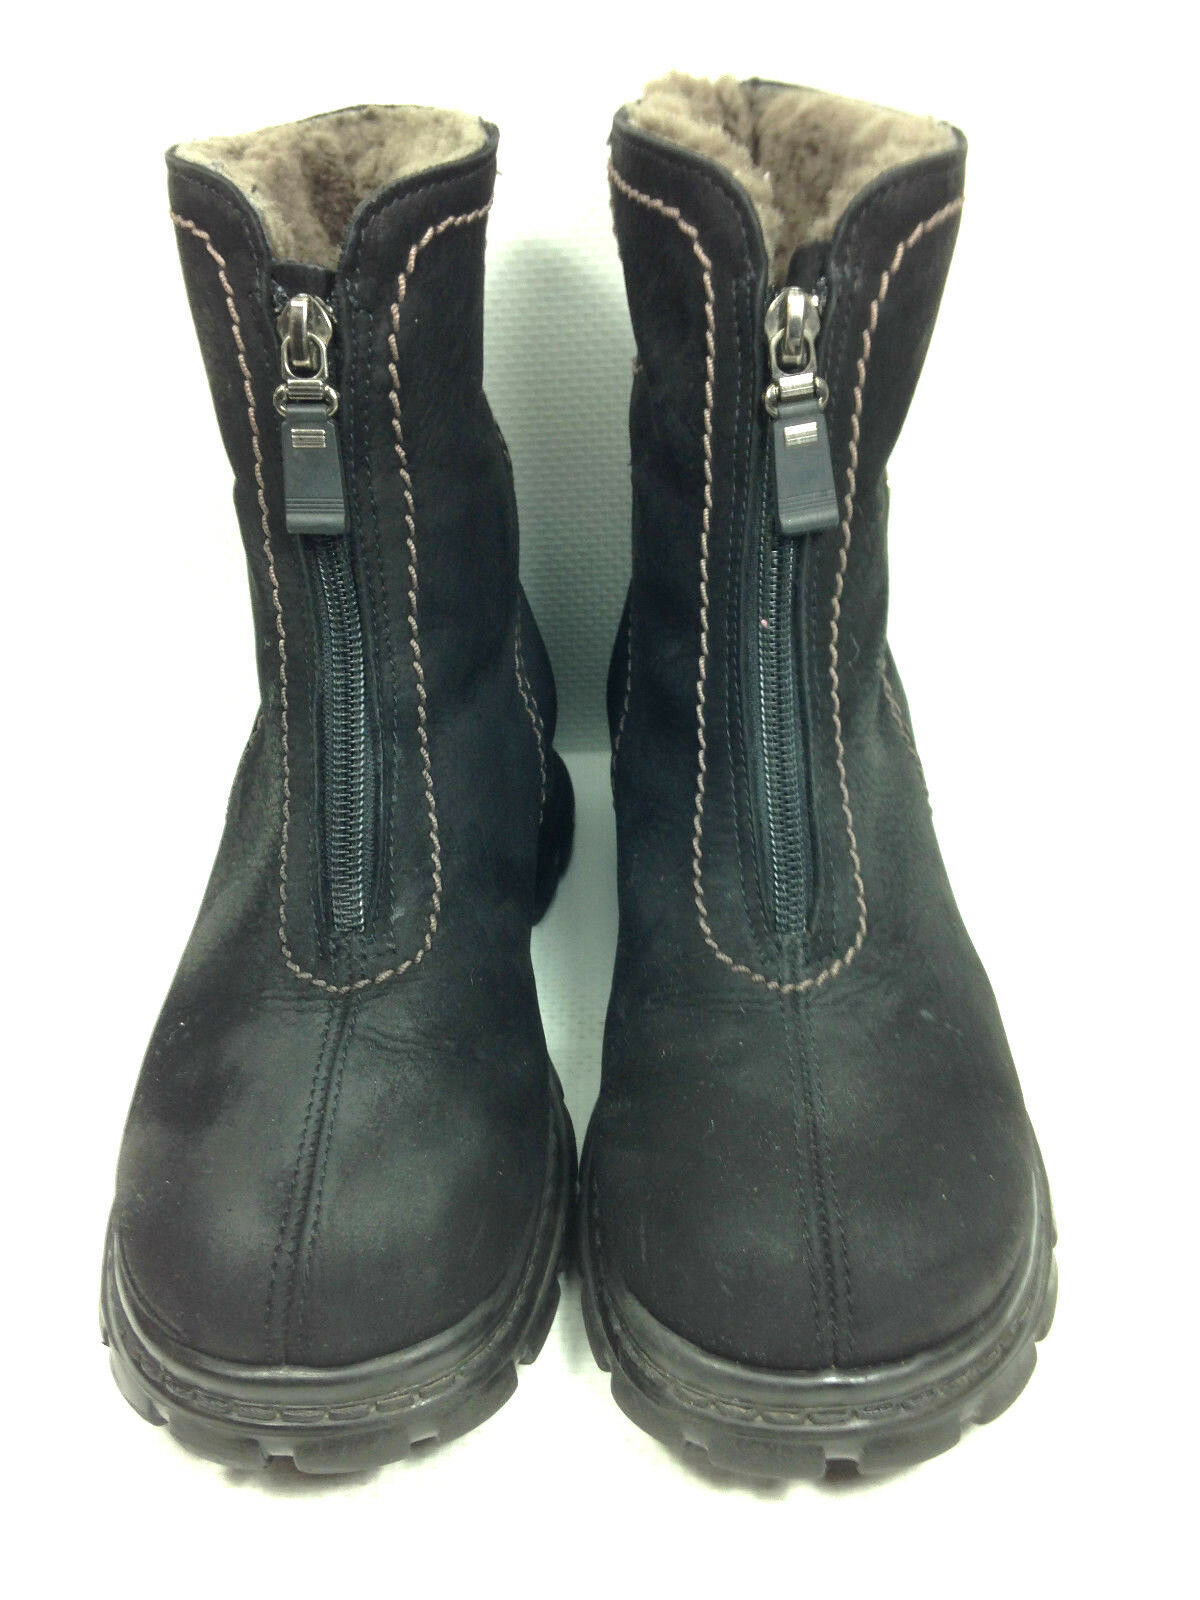 più economico Pajar Donna  Zig Zag Front-Zip avvio,nero avvio,nero avvio,nero donna Dimensione 7 US.  prodotto di qualità